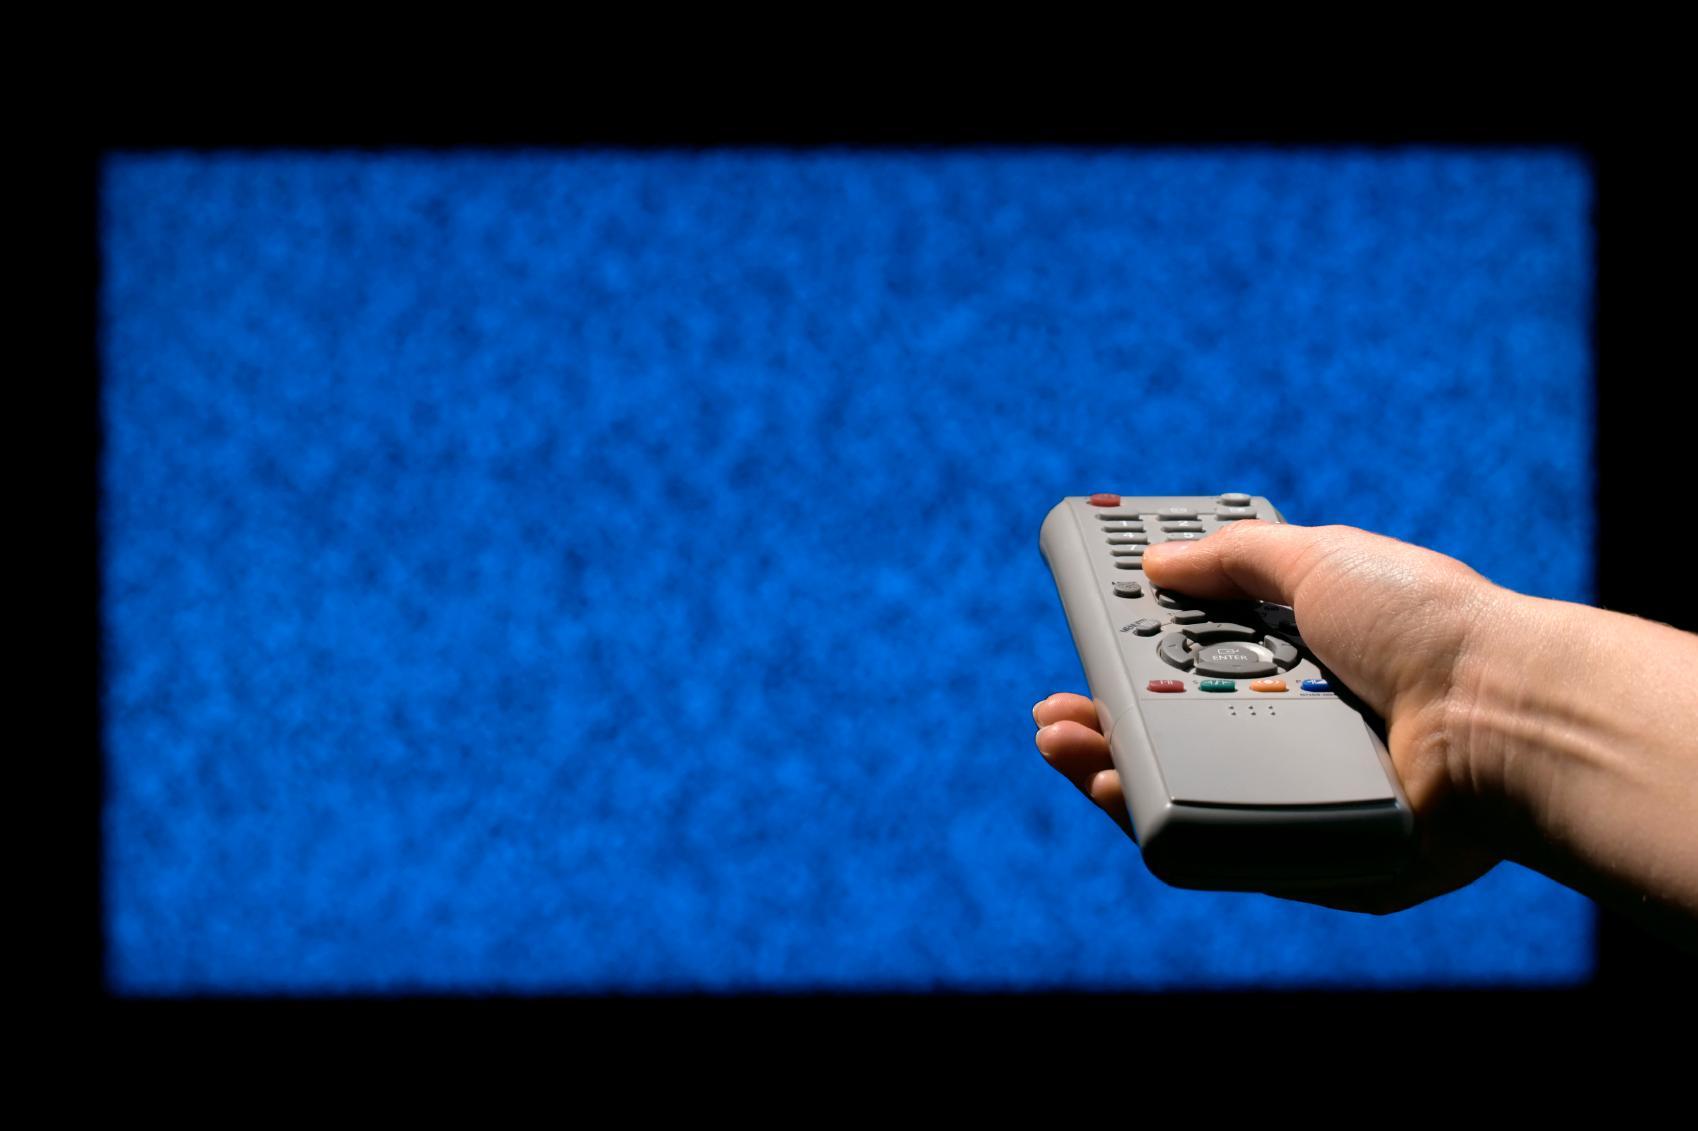 Plomberer du antenneinngangen, er ikke lenger TV-en en mottaker.Foto: iStock,6537538